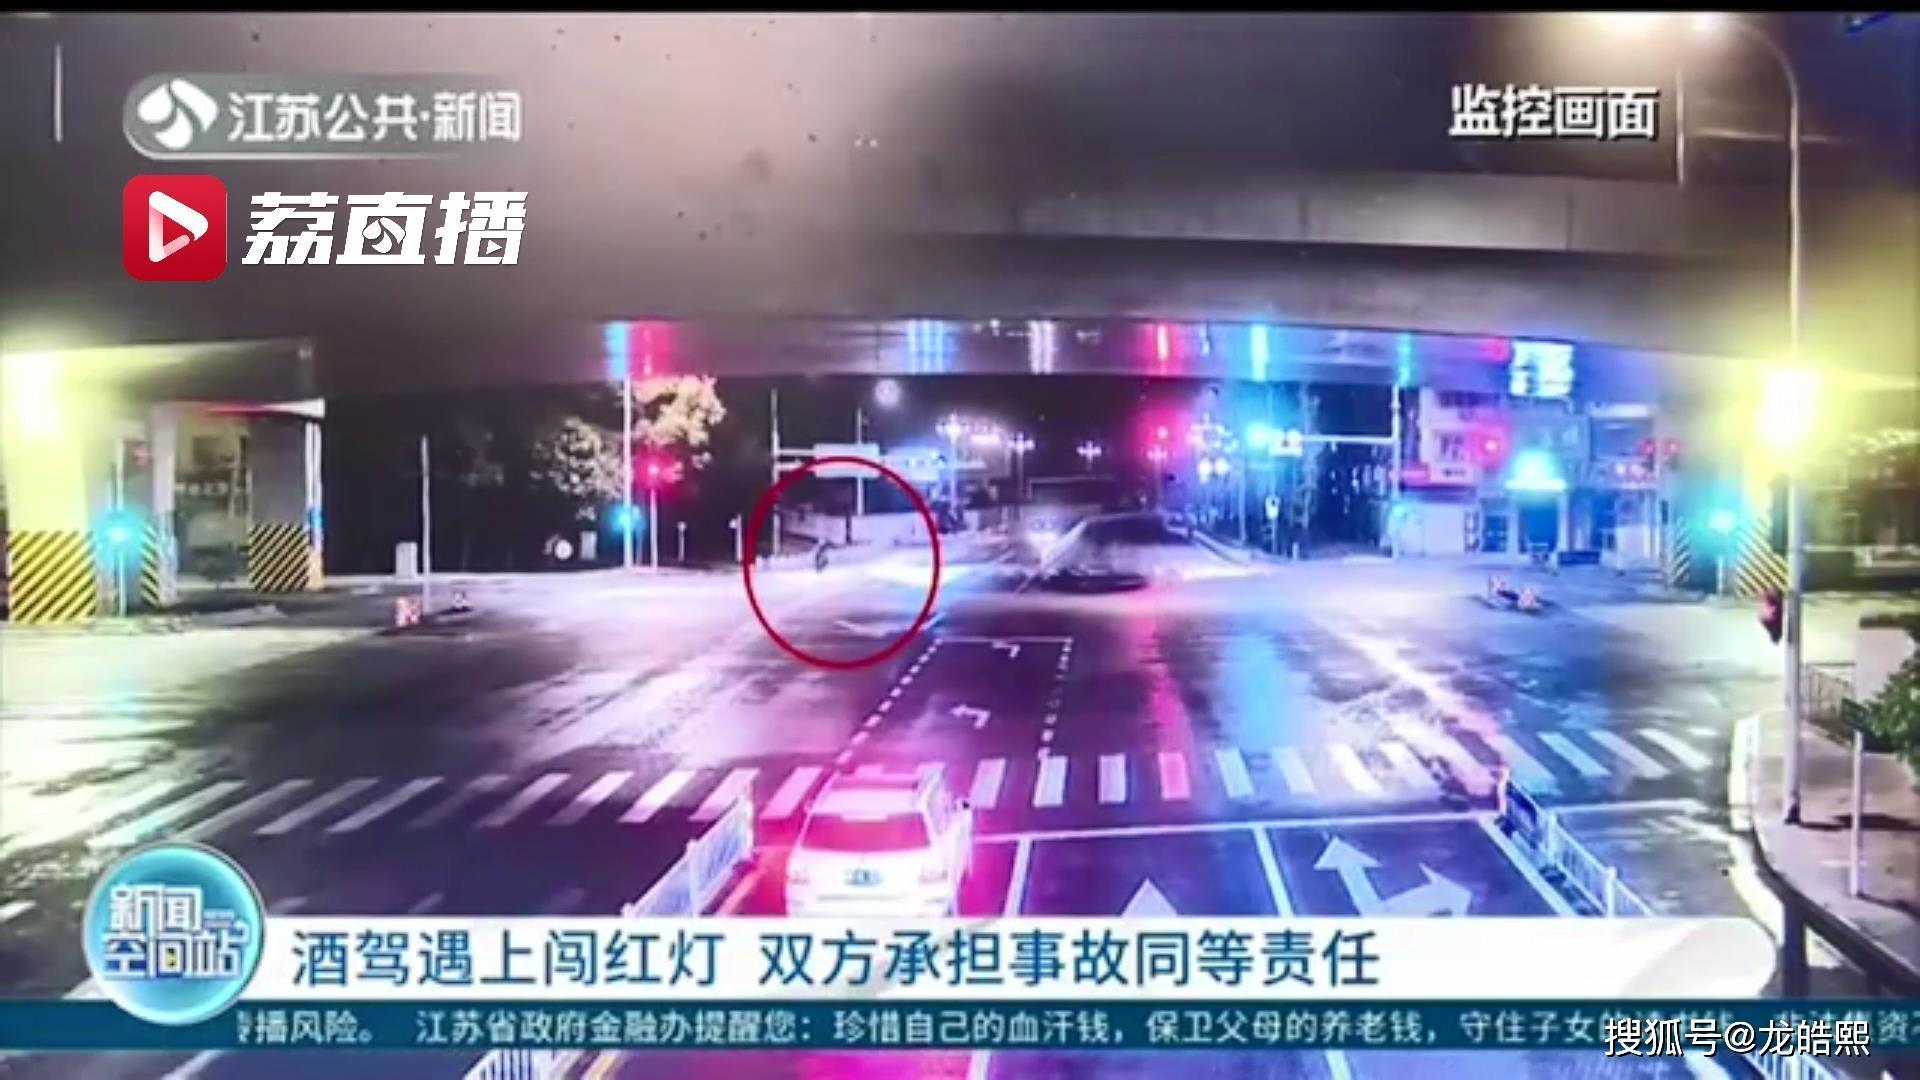 男子酒驾与电动车闯红灯剧烈碰撞 骑车男子不治身亡 交警:双方负同等责任